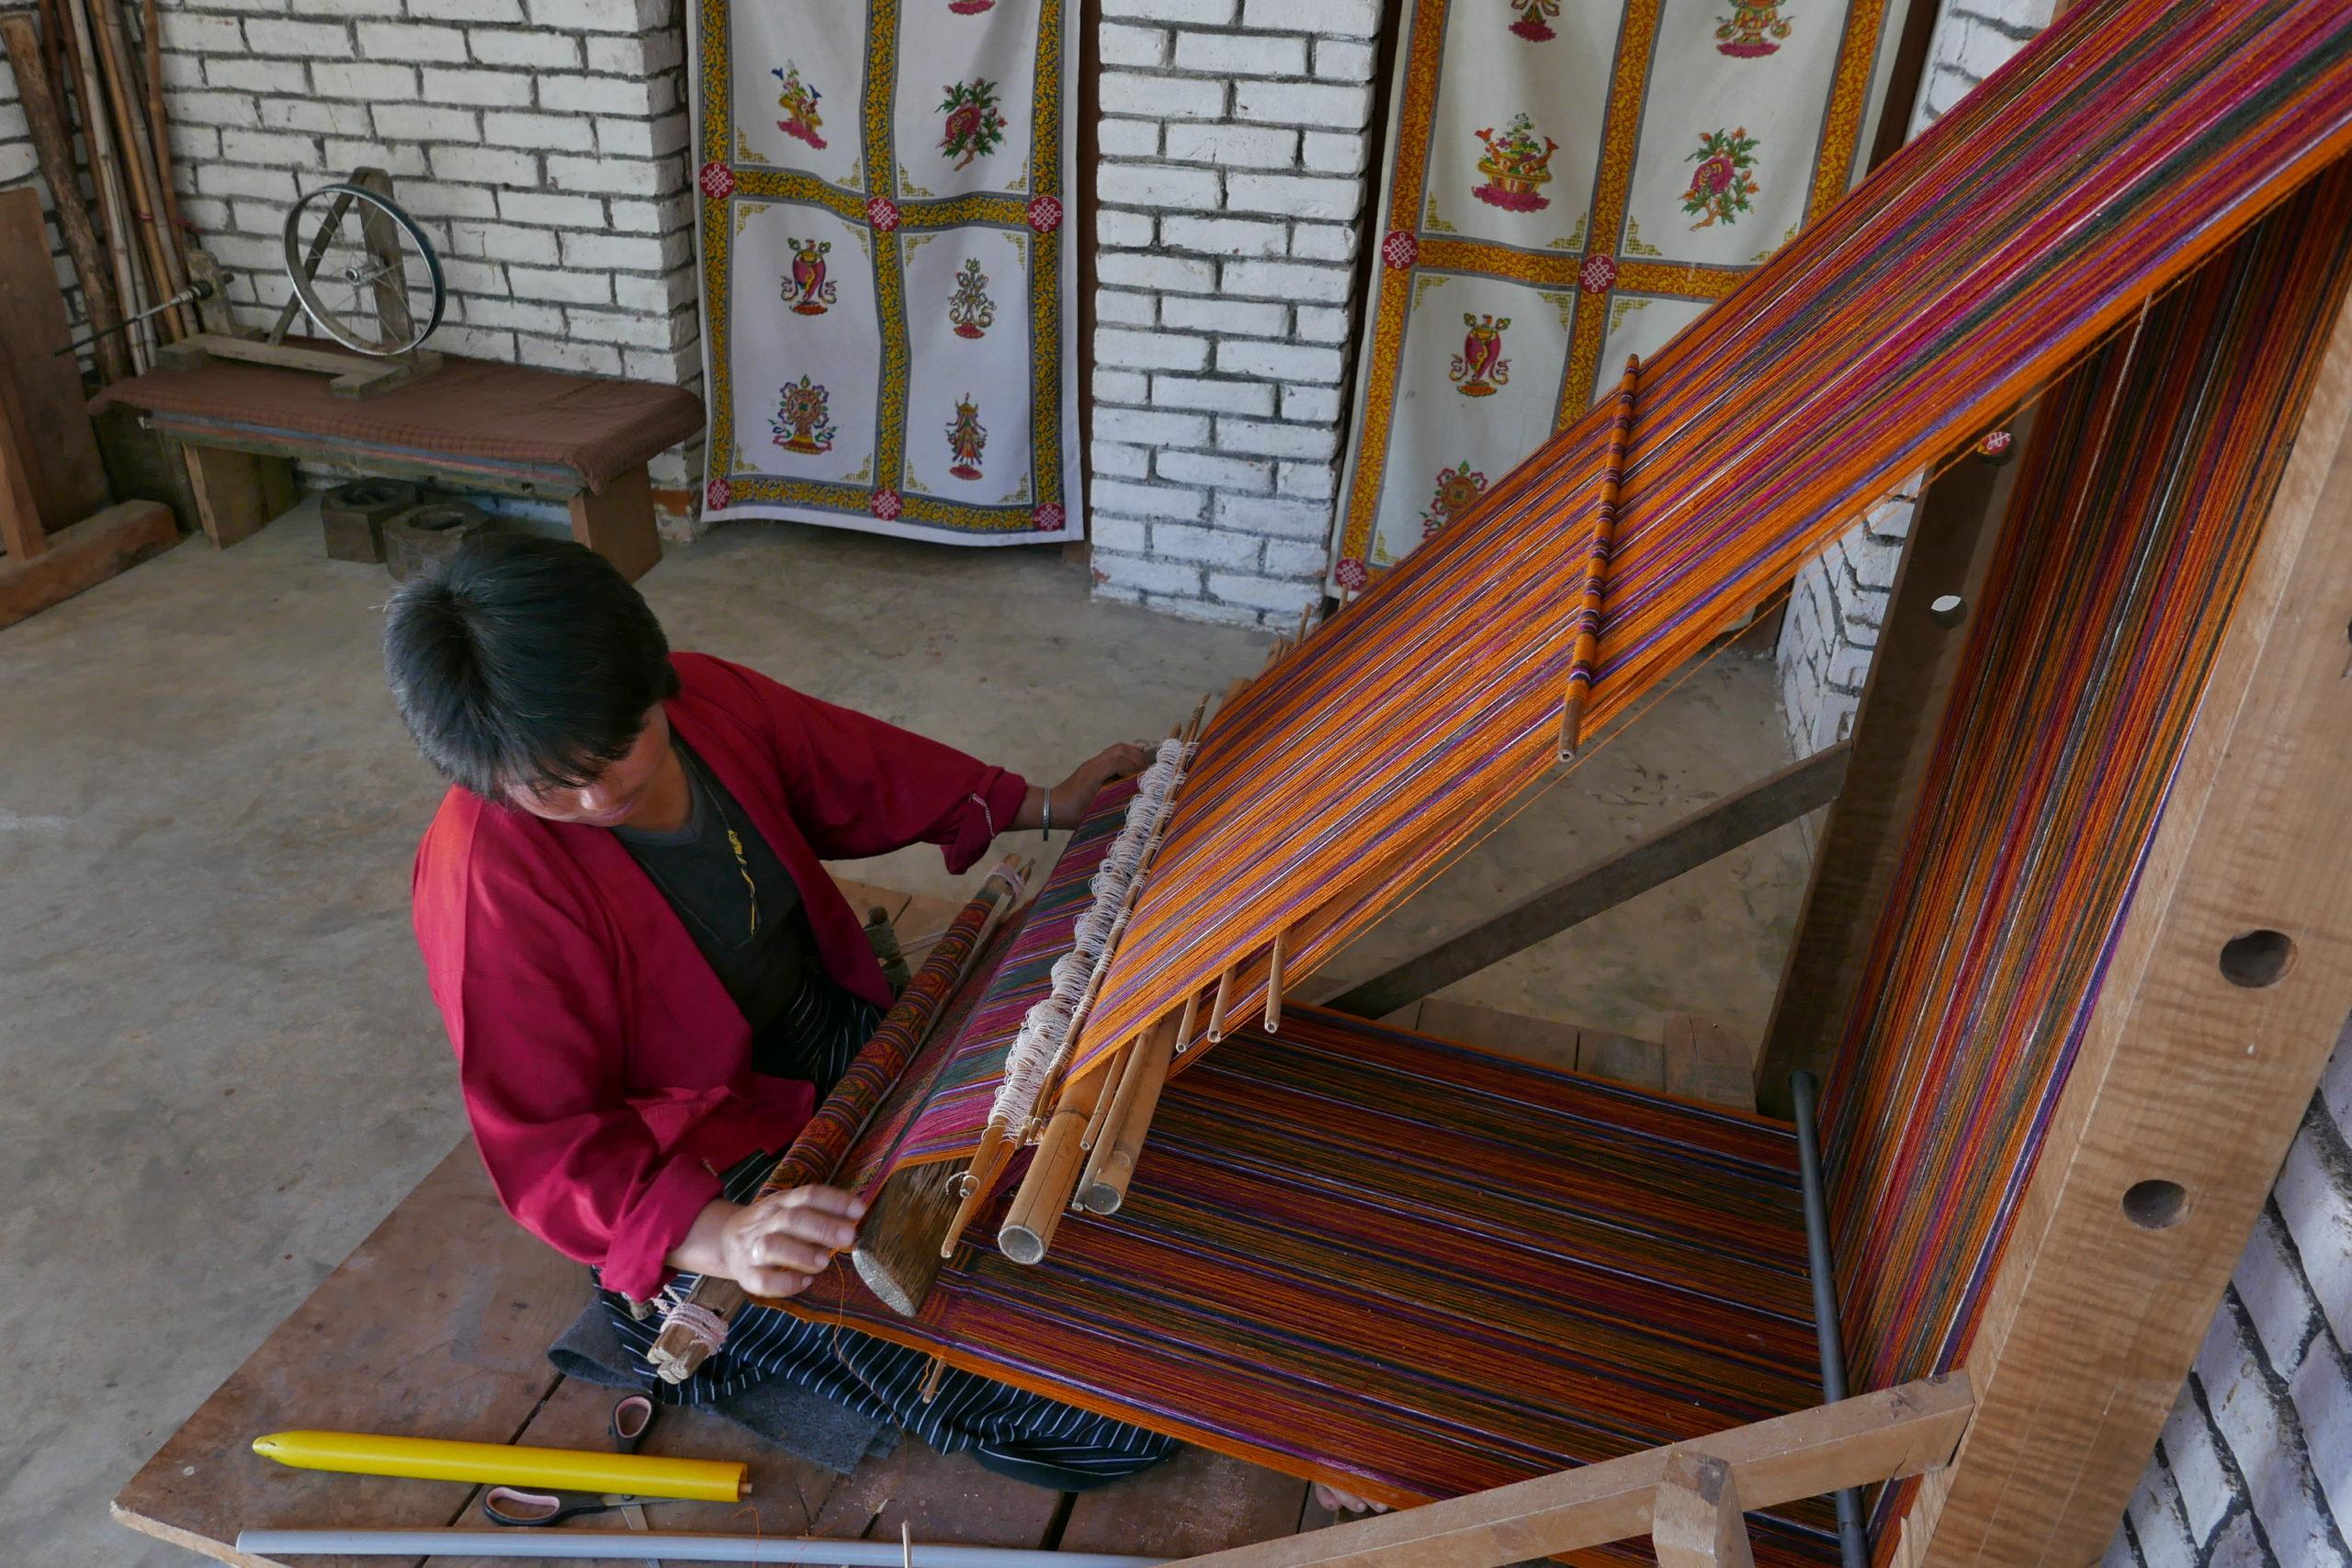 Eine Frau beim Weben an einem flexiblen Webstuhl.